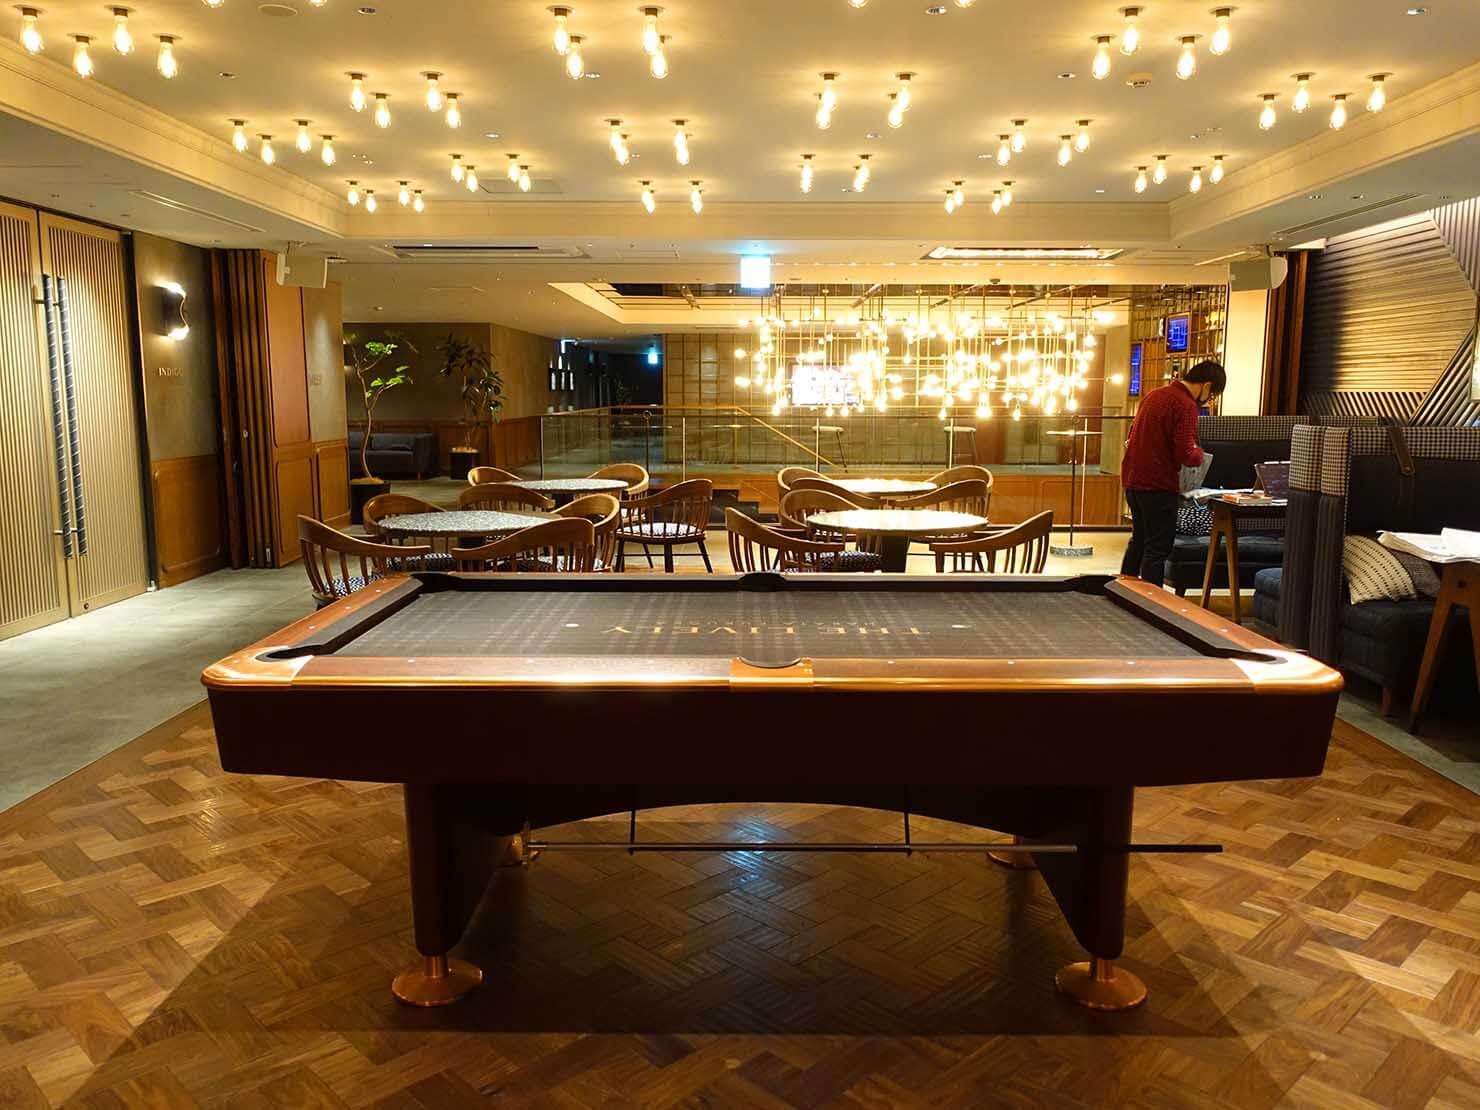 福岡・中洲川端にあるおしゃれなおすすめホテル「THE LIVELY」のコワーキングスペース・LIVERALLYのビリヤードテーブル